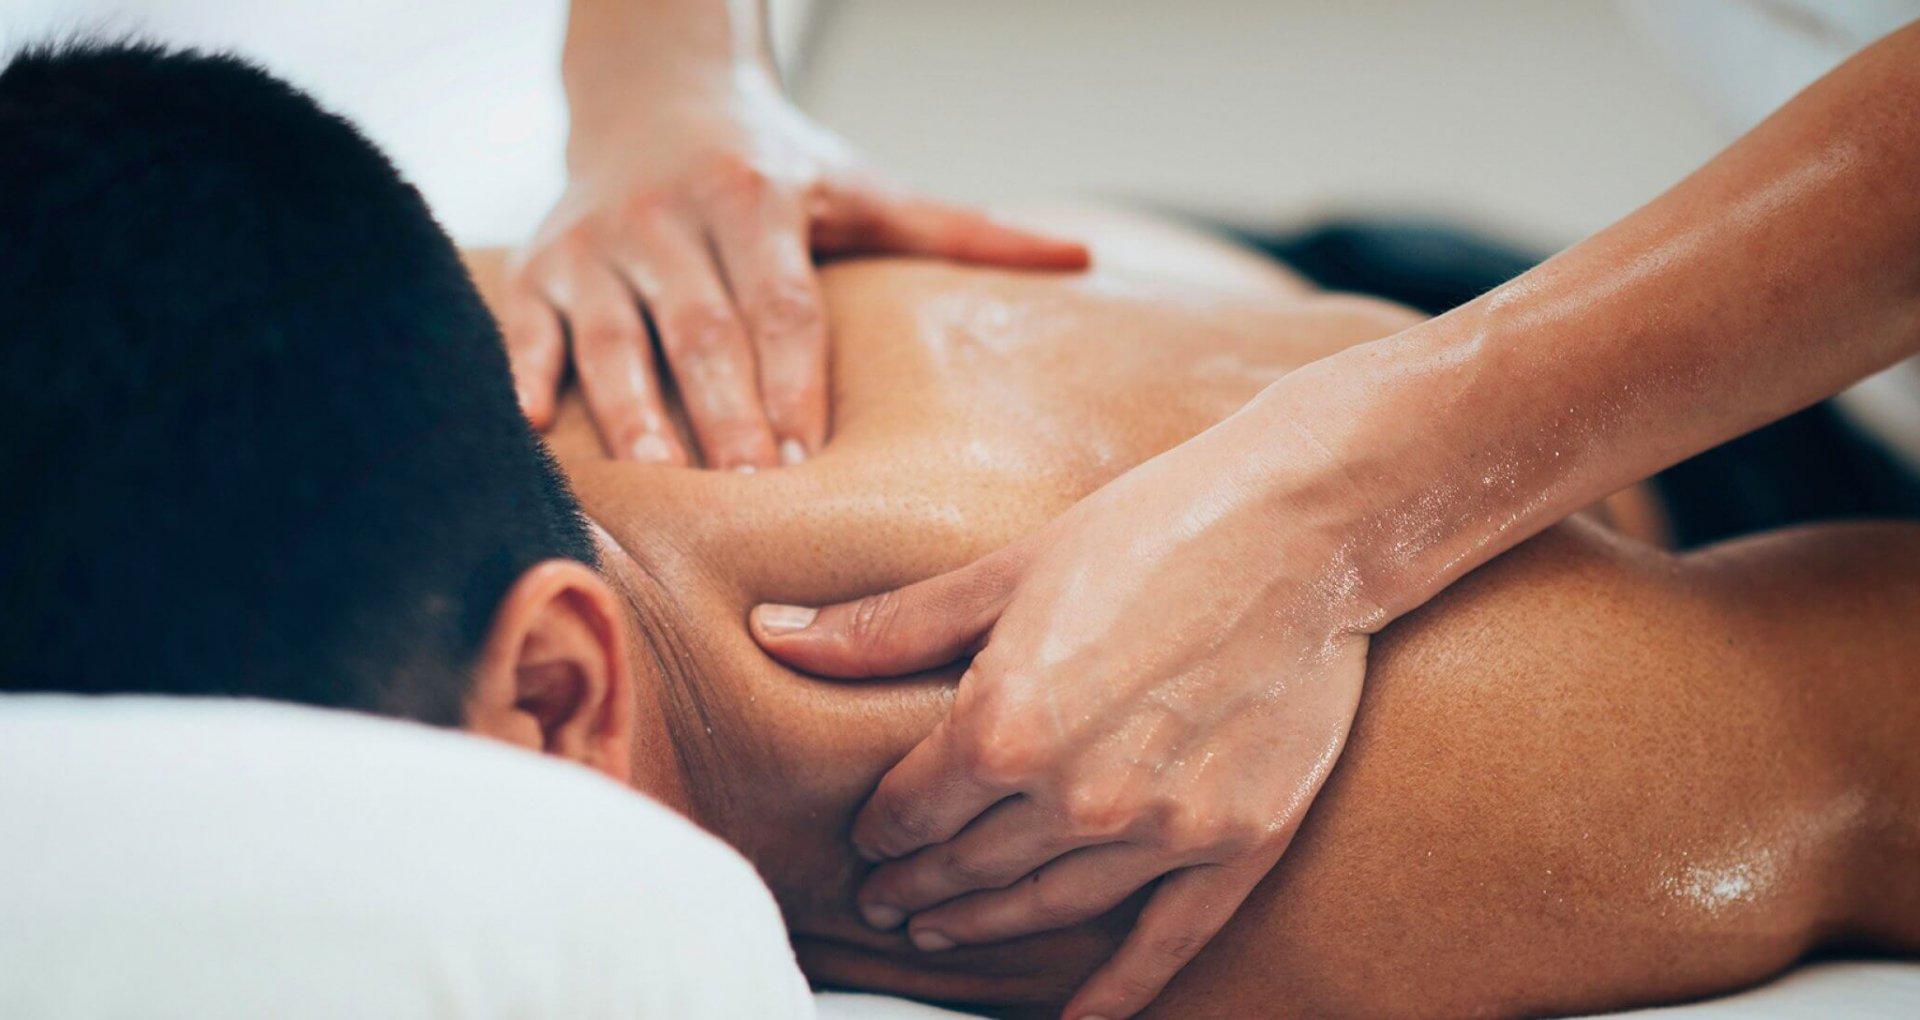 vector-Massage-Professional_b9a913481a91c028fa81e454d62eee534